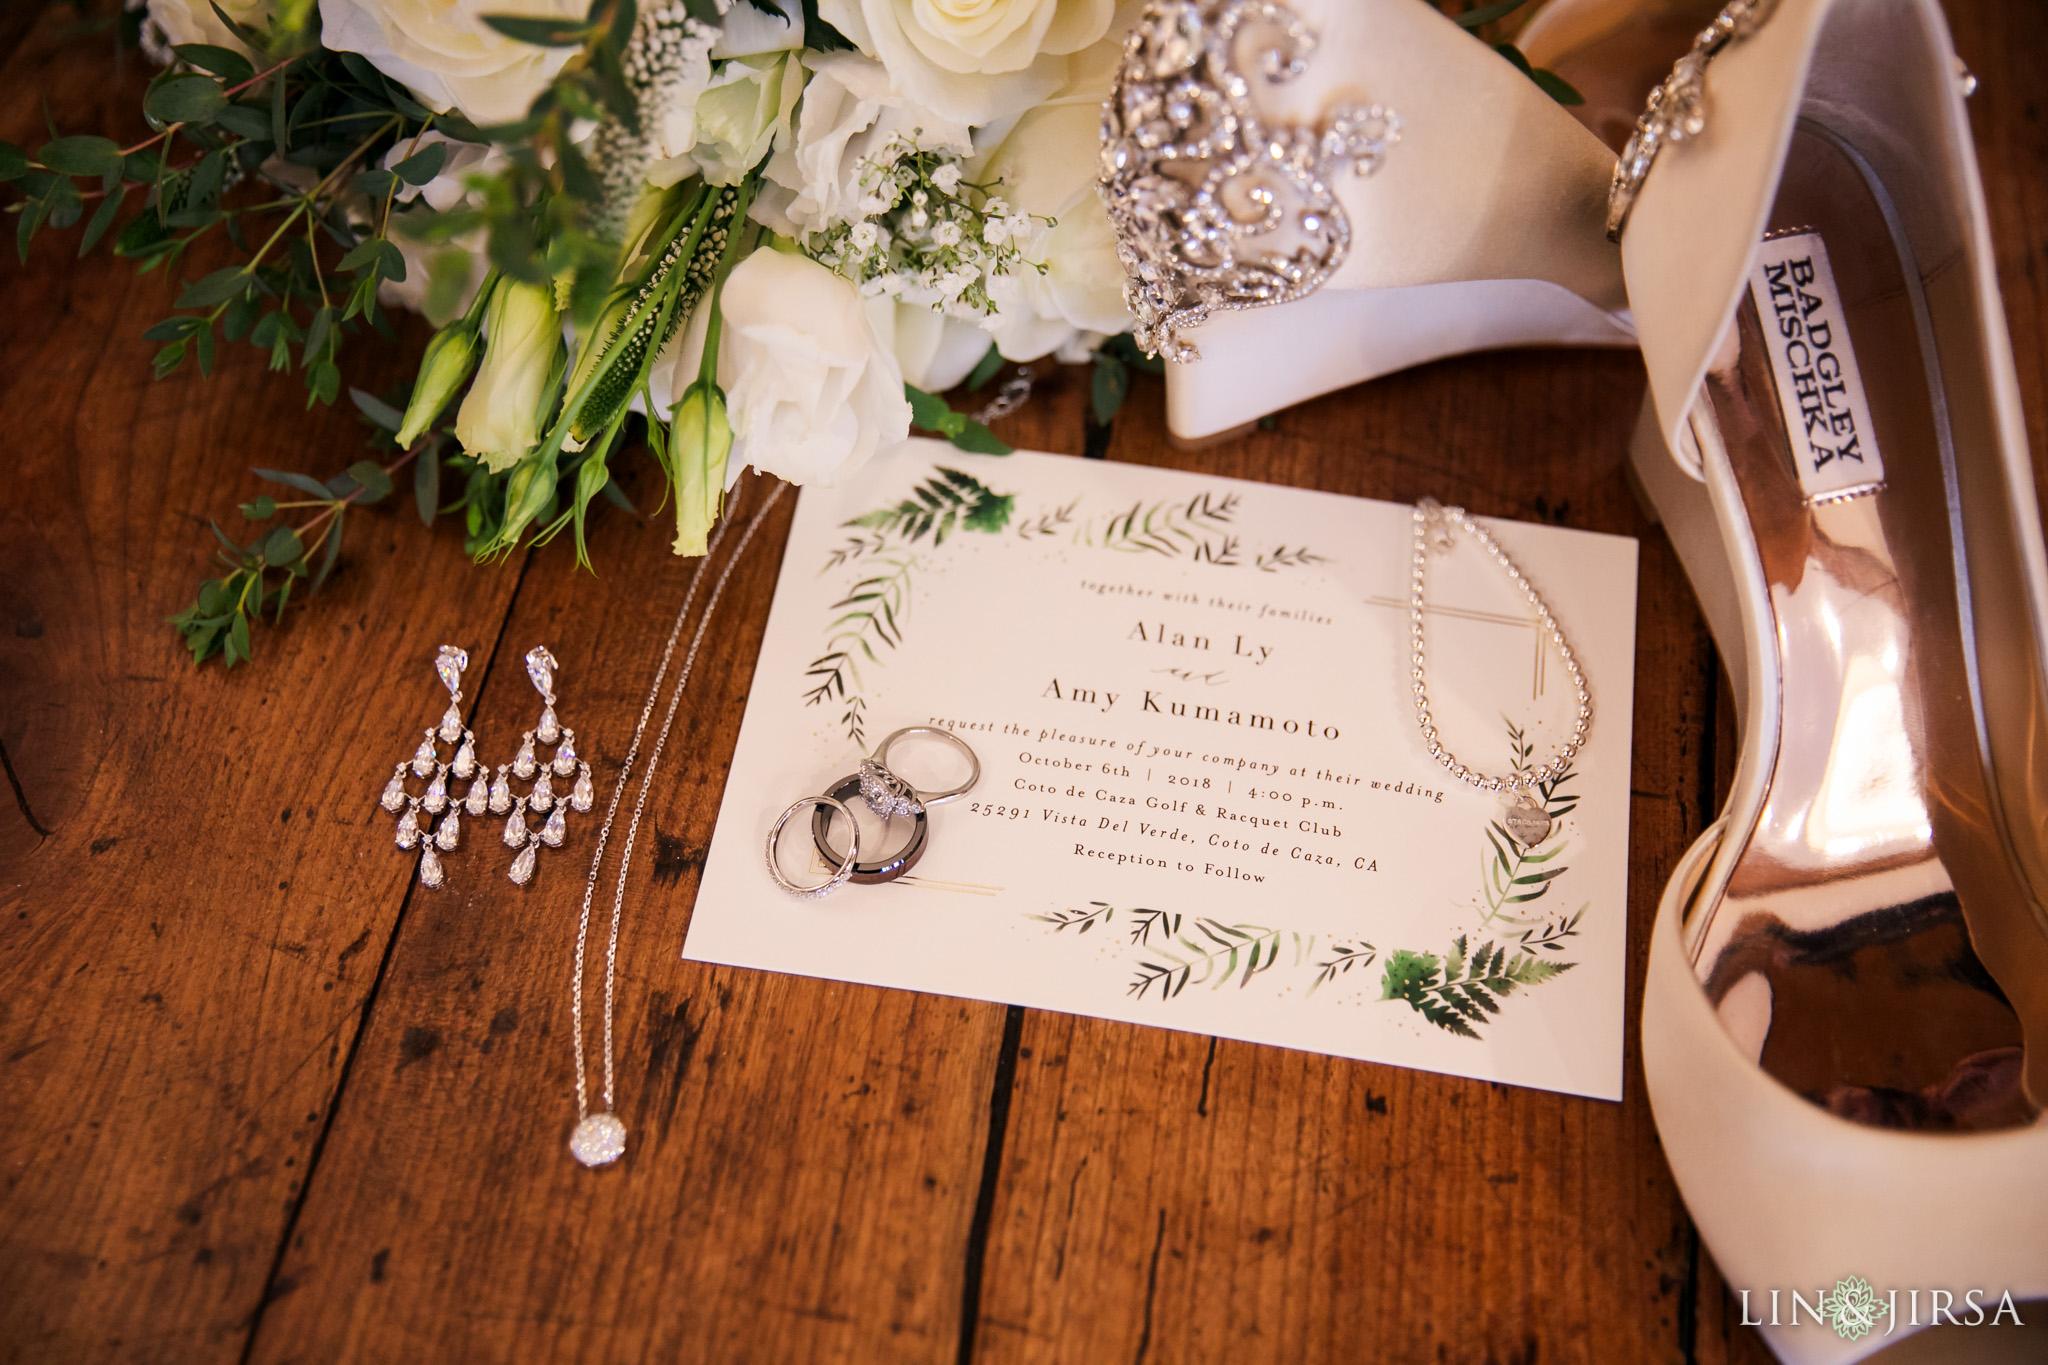 znc Coto de Caza Golf Club Wedding Photography